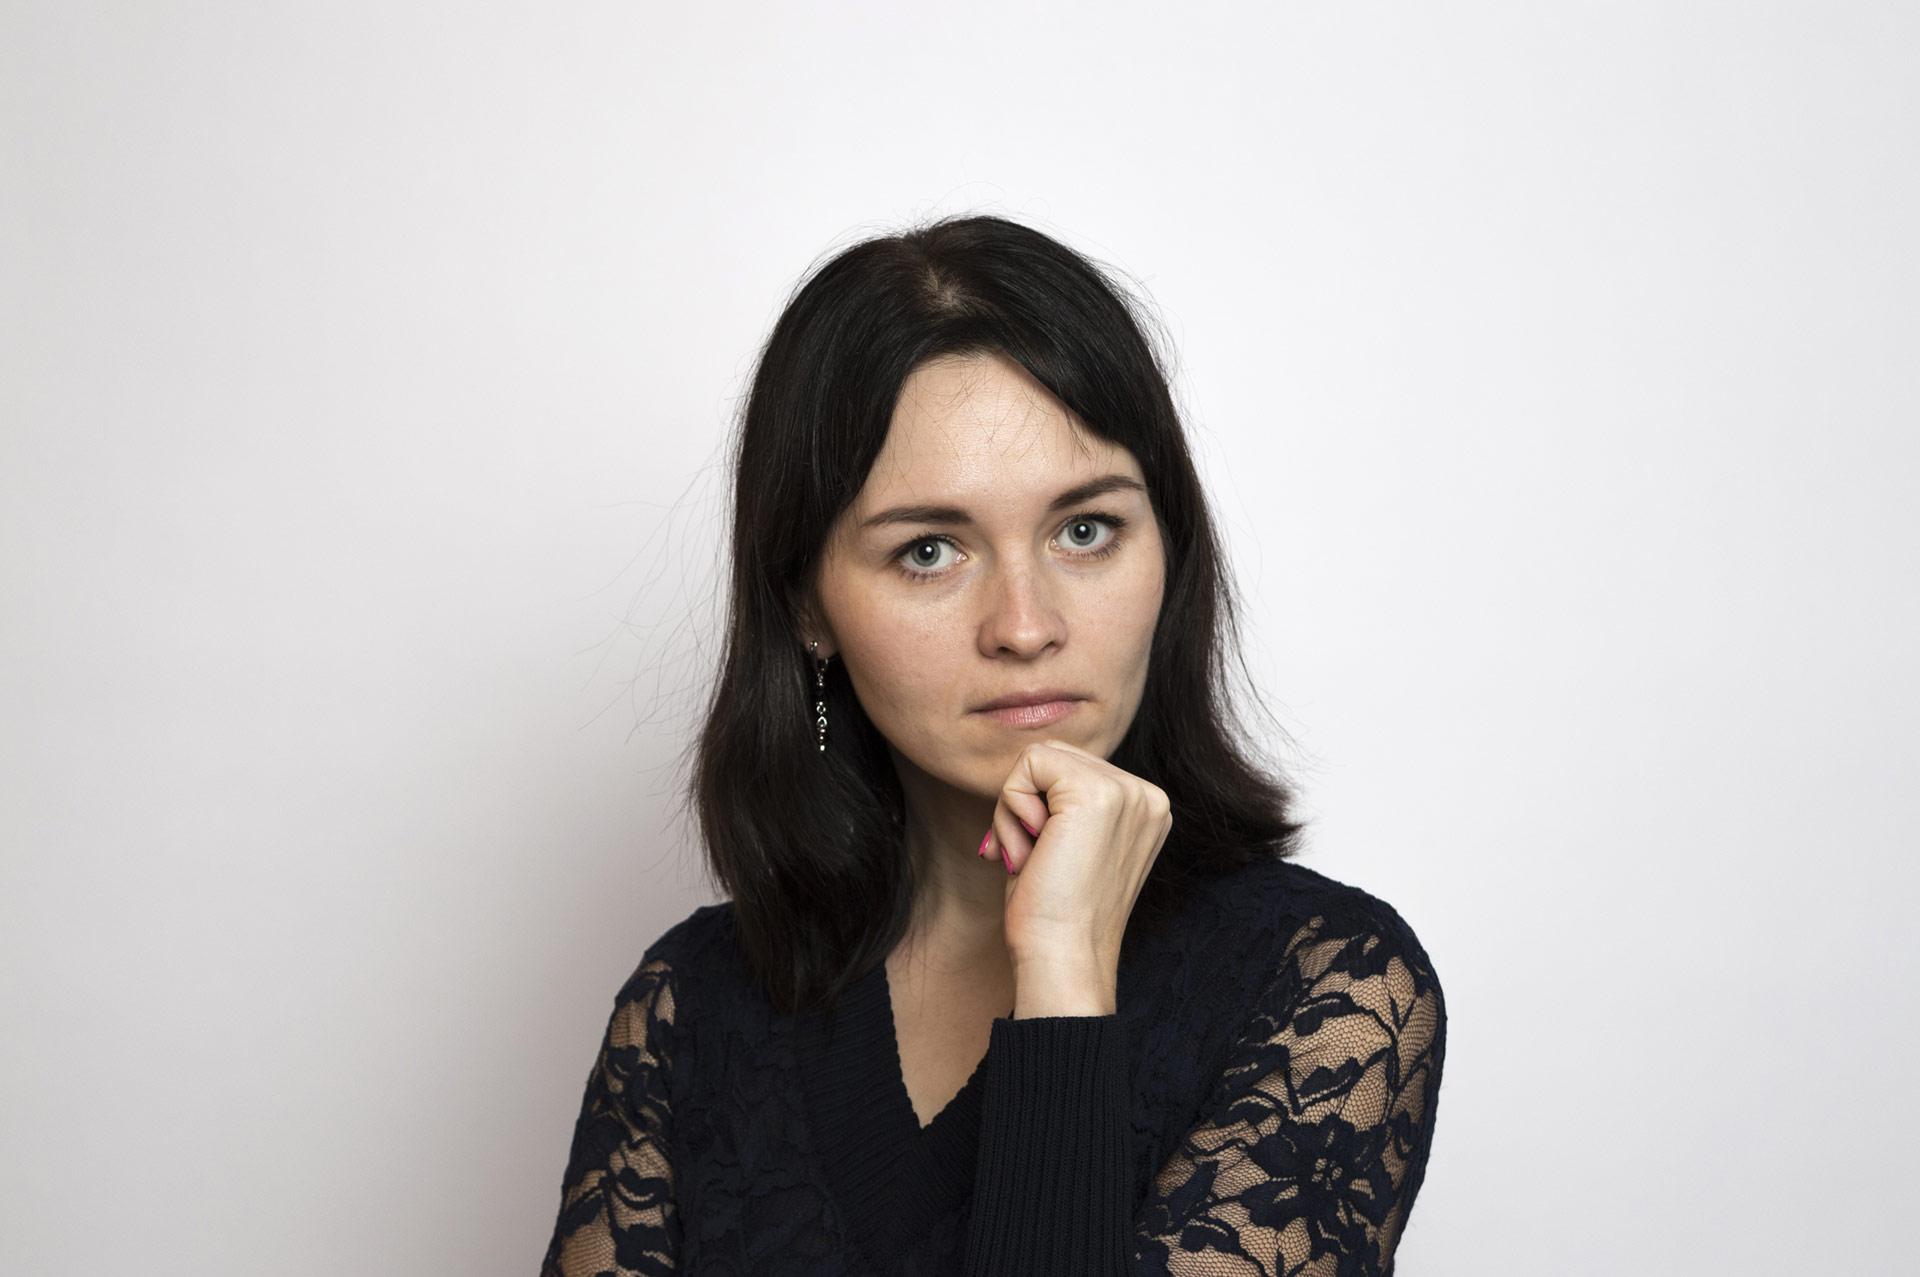 Юлия Галынская. Копирайтер-маркетолог, руководитель Студии продающих текстов и рекламных материалов